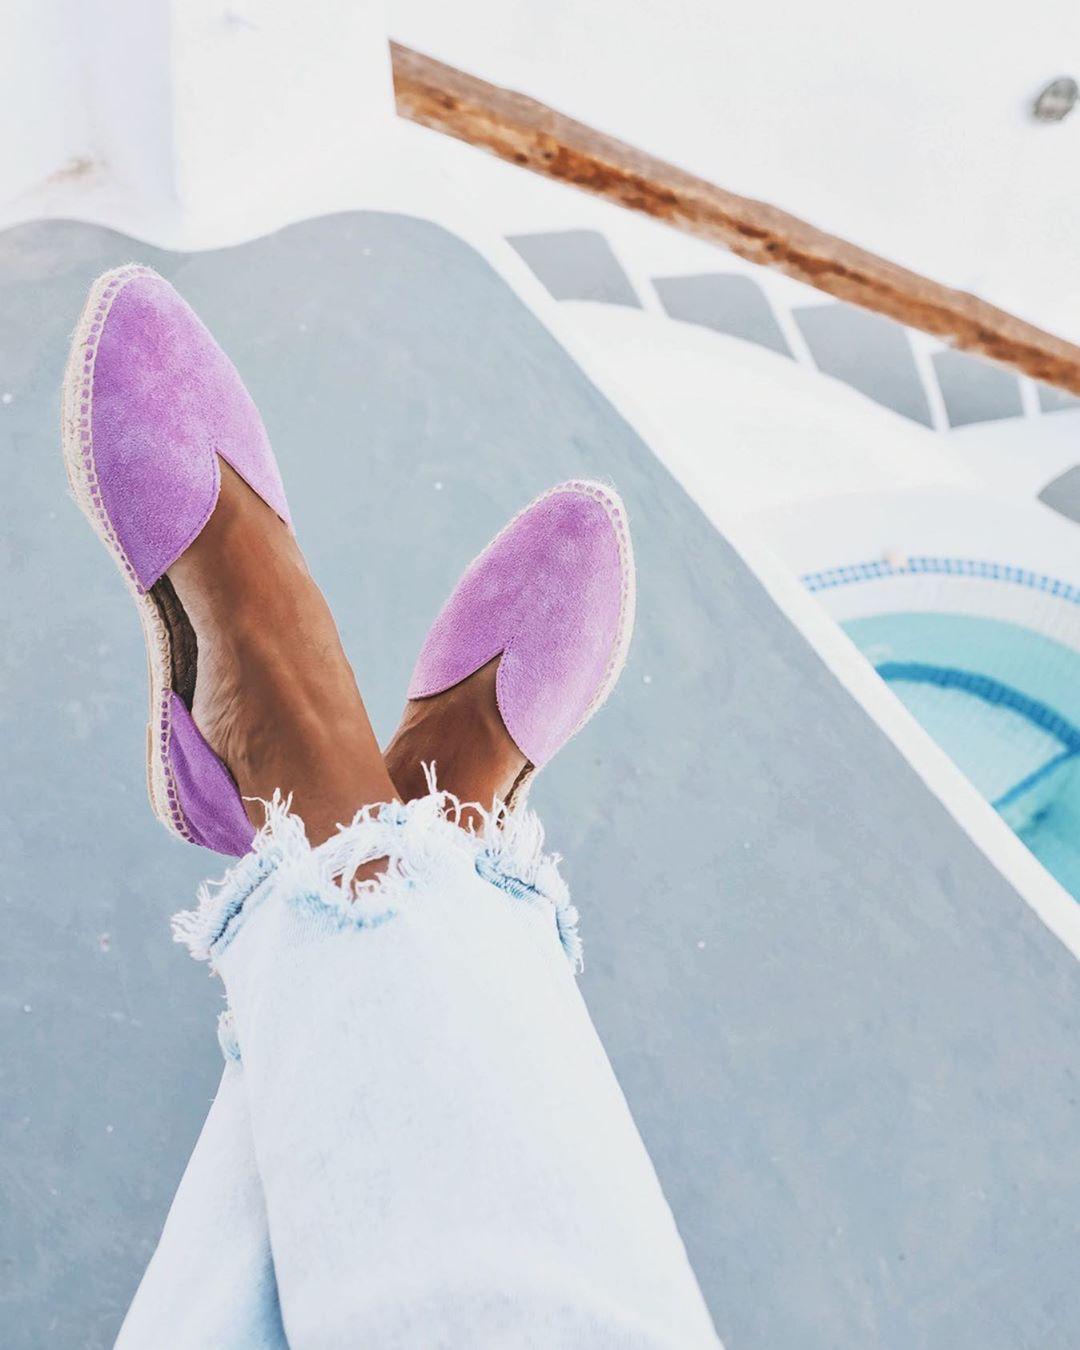 Όταν βγούμε από το σπίτι θα φοράμε εσπαντρίγιες (επιτέλους!) Αυτά τα παπούτσια μας θυμίζουν το καλοκαίρι, ακόμα και αν δεν πάμε διακοπές, τουλάχιστον θα τα φορέσουμε ξανά για να αλλάξουμε λίγο διάθεση.